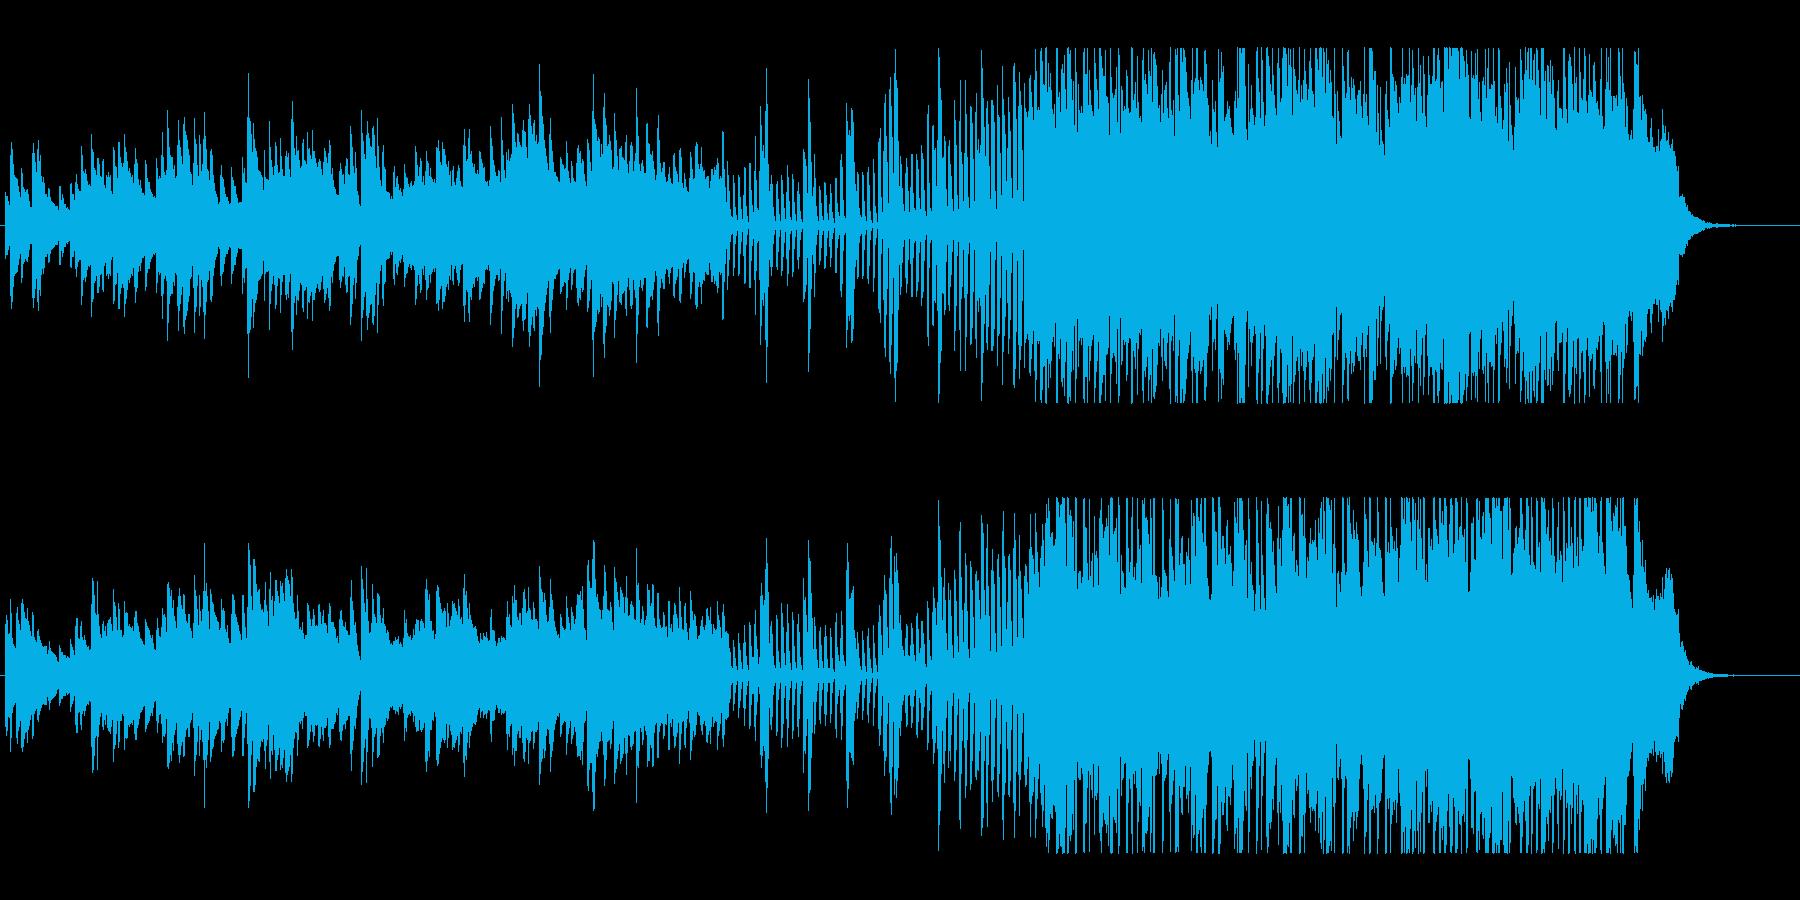 冬の訪れを告げるようなピアノ曲の再生済みの波形